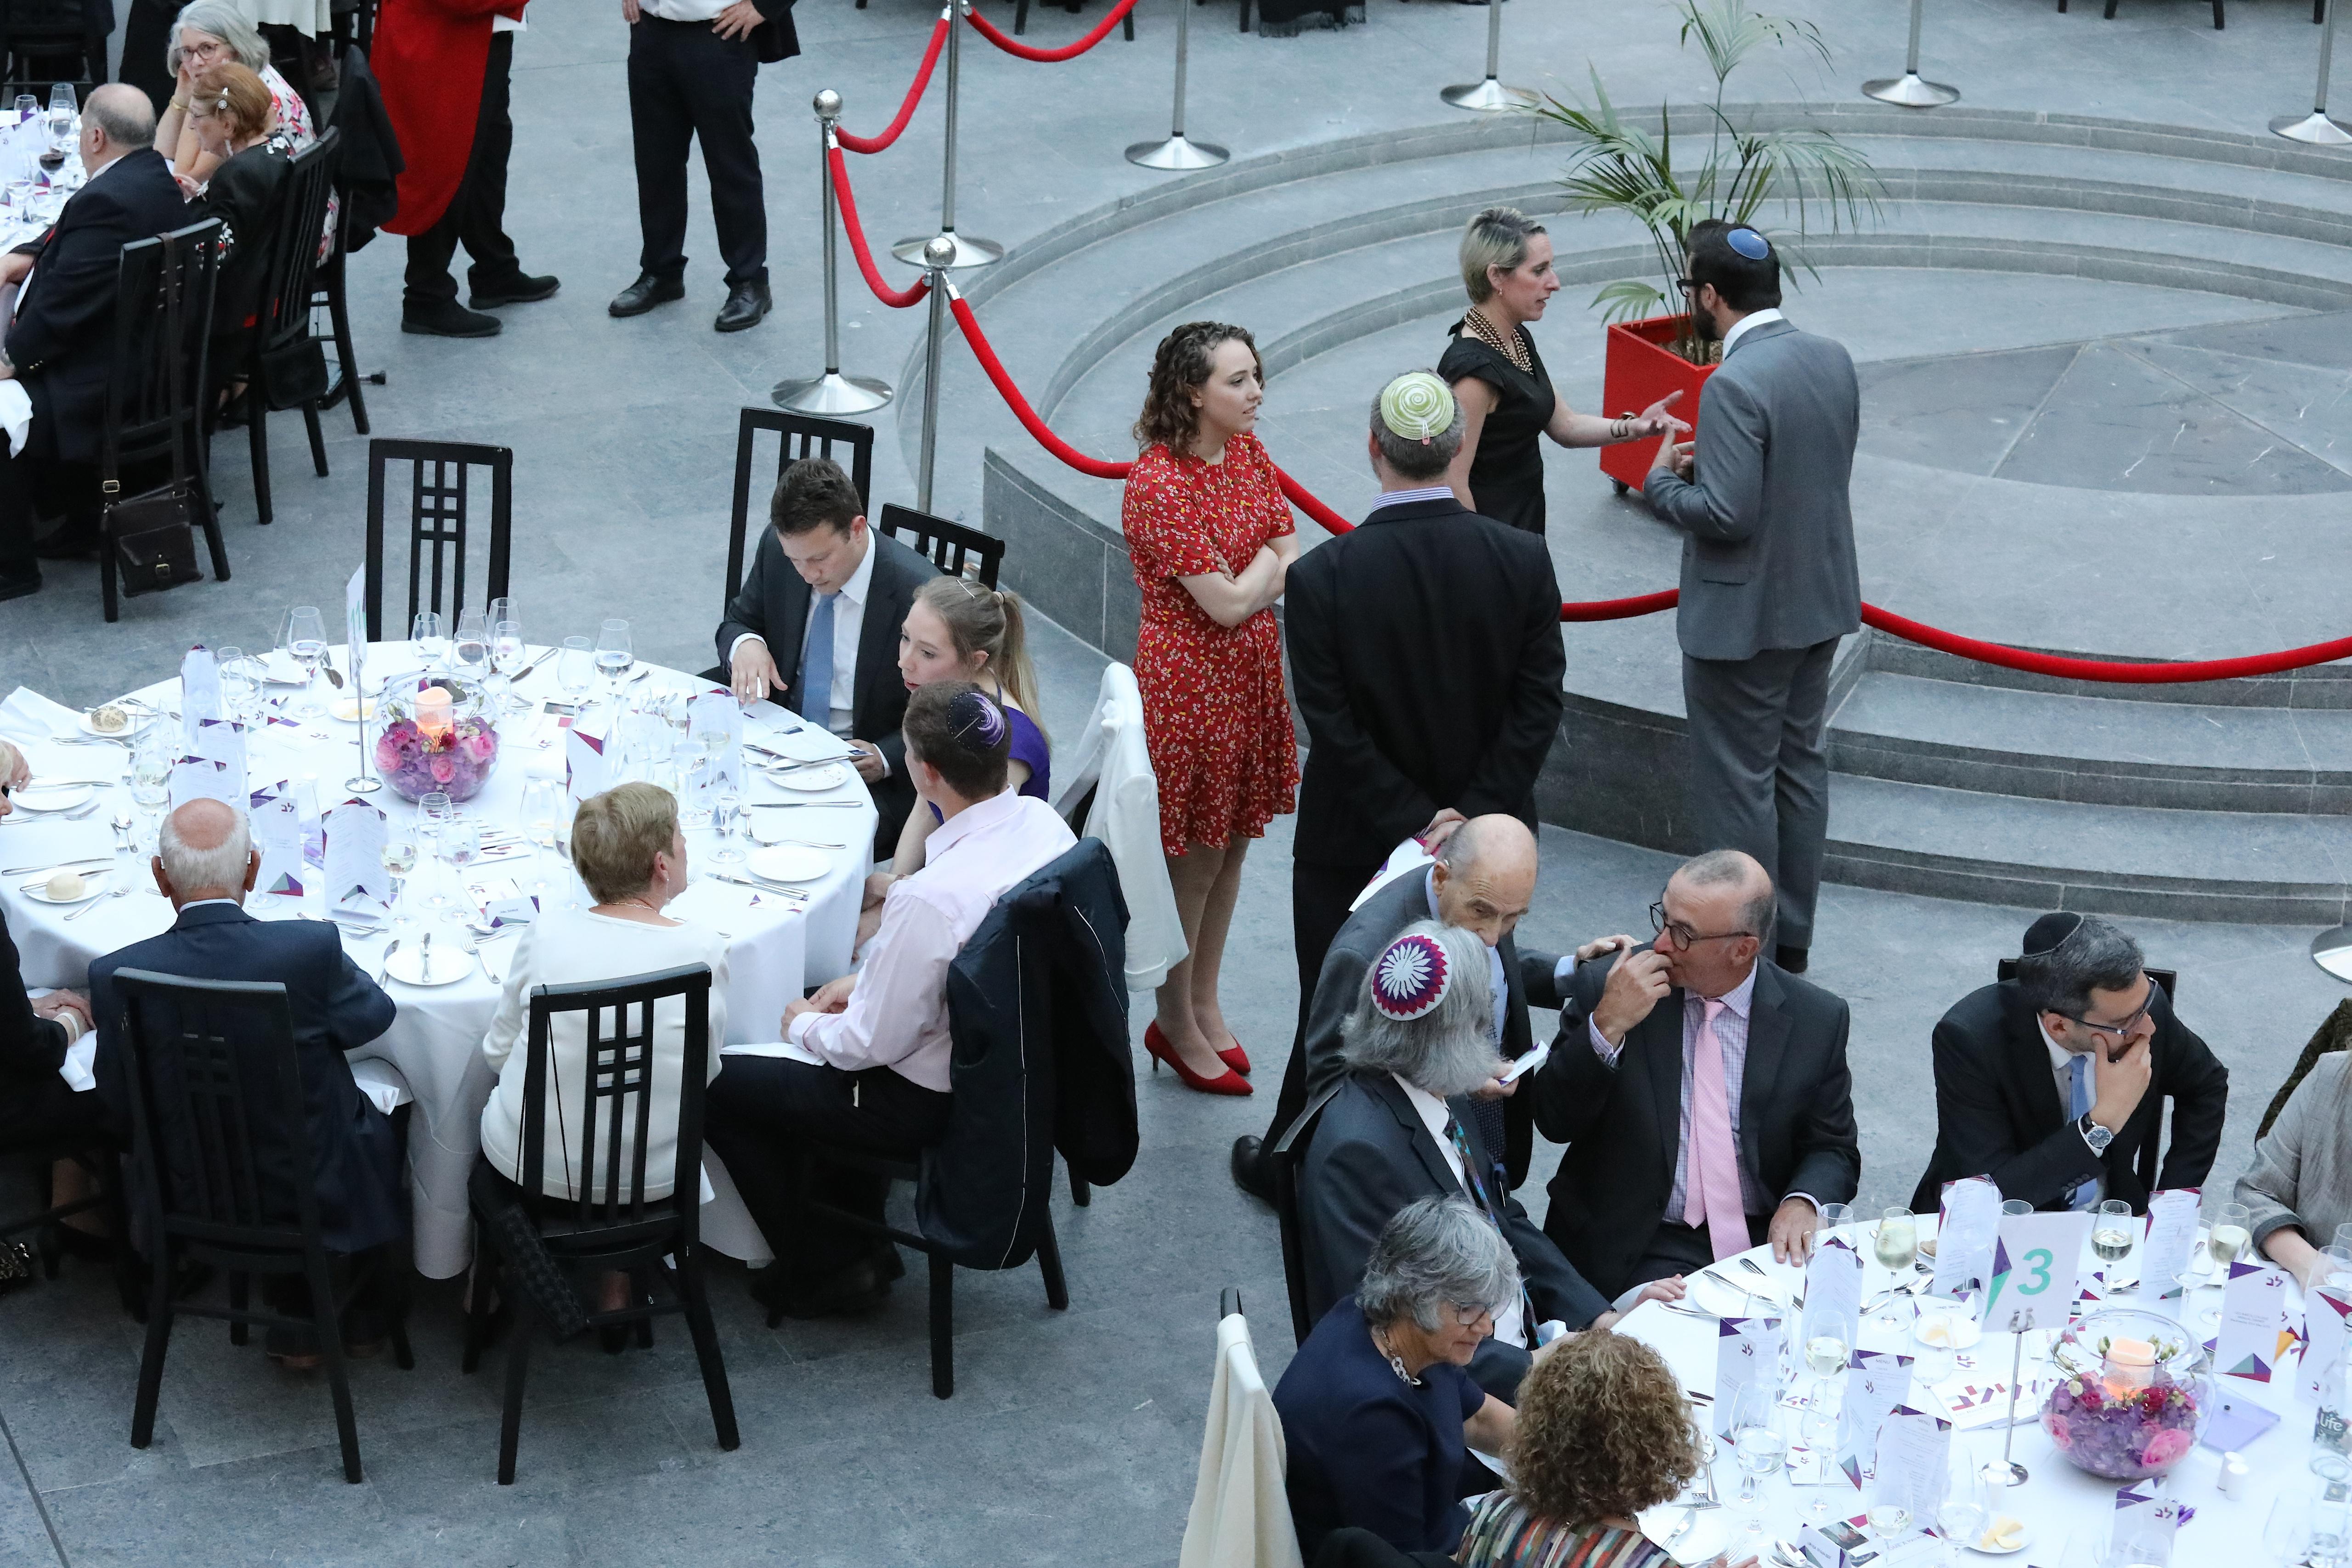 Photographs – Annual Dinner 2018